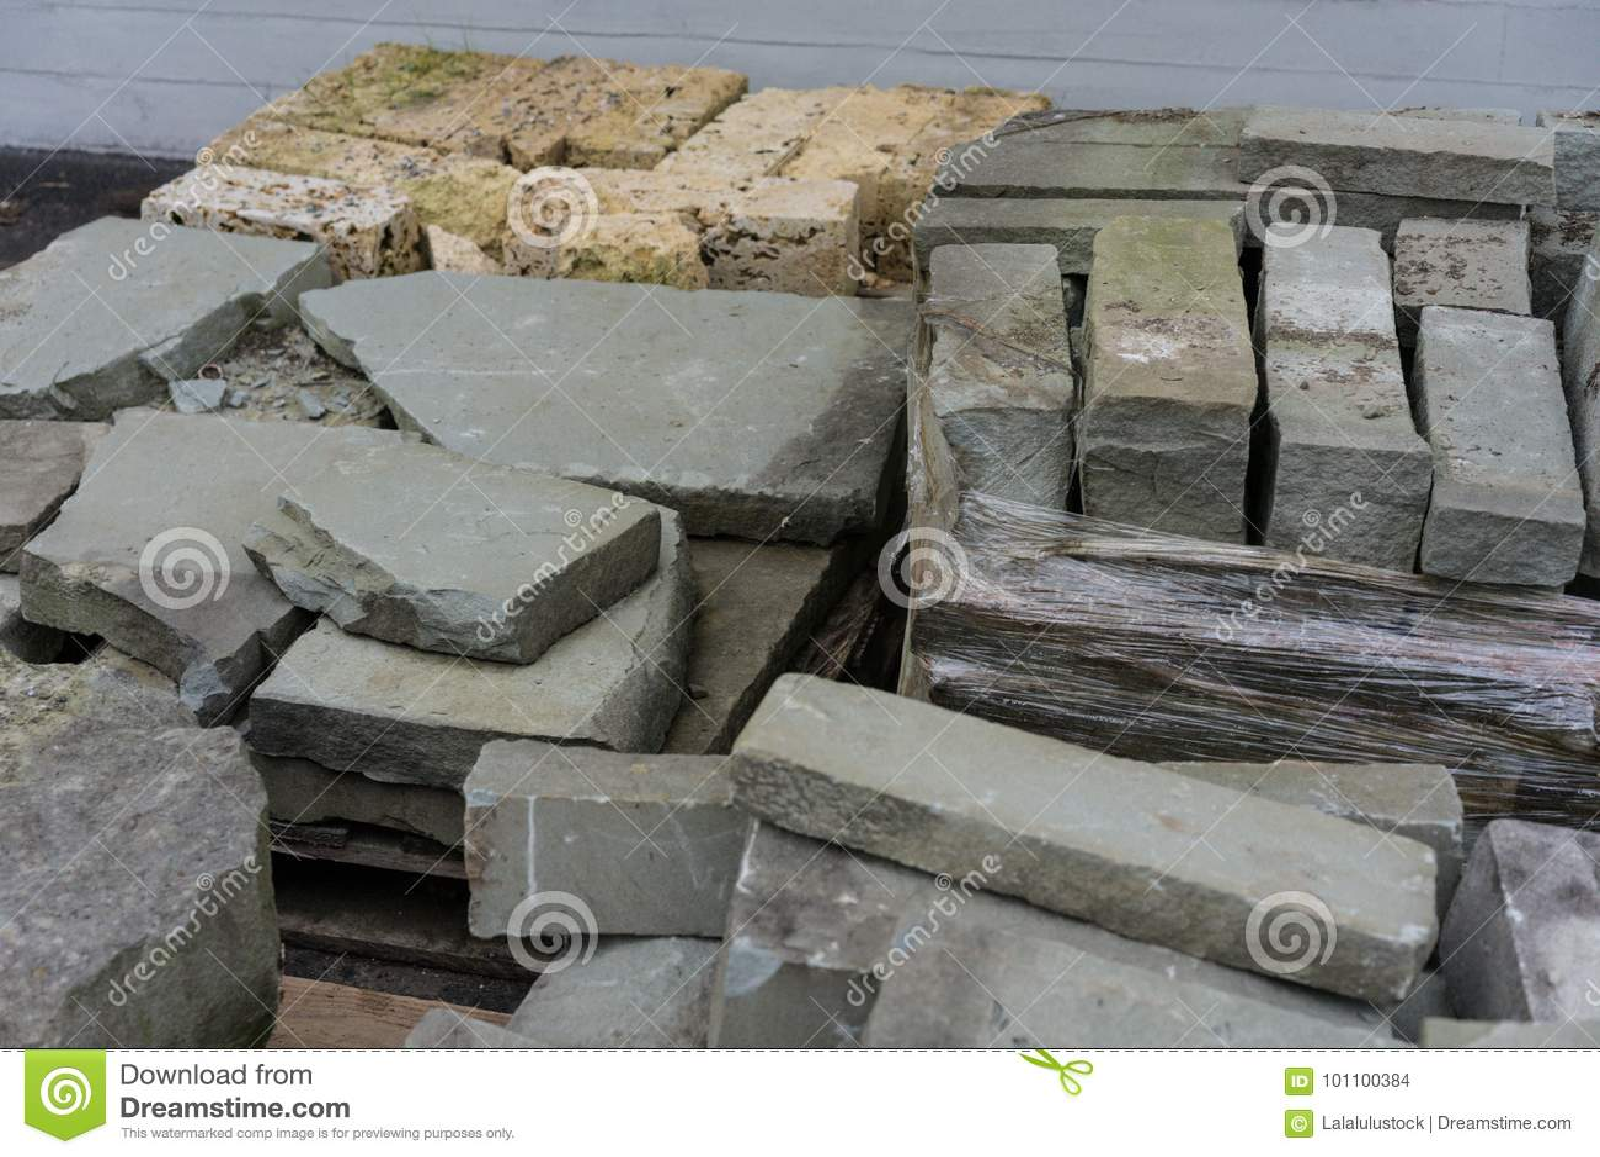 7a58ab4a1d90 Τσιμεντένιοι ογκόλιθοι για την κατασκευή Στοκ Εικόνες - εικόνα από ...